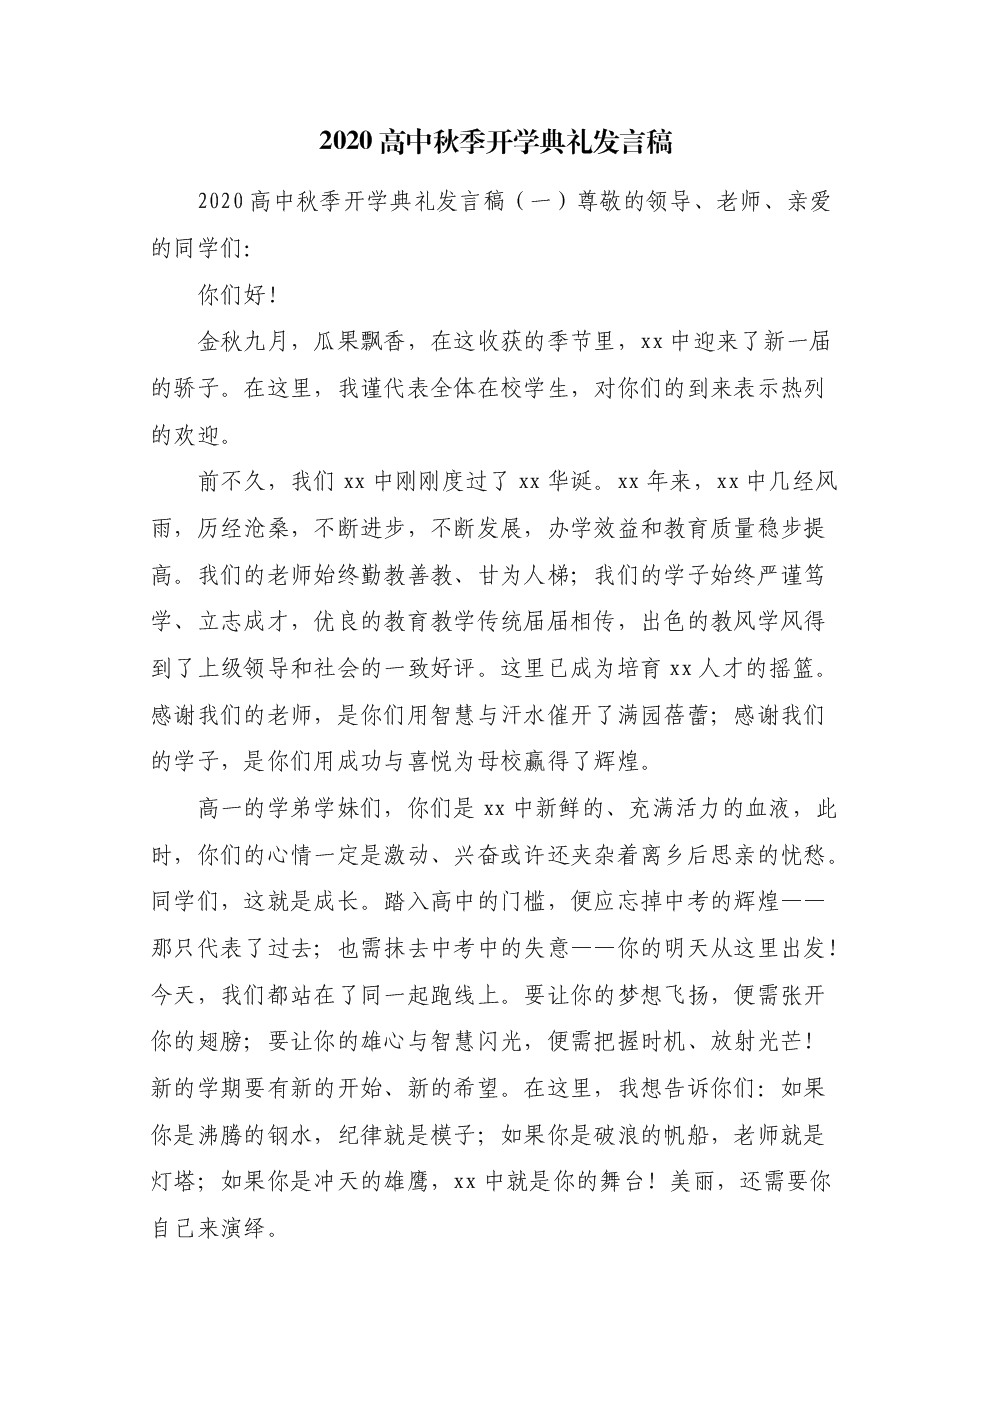 (精选)2020高中秋季开学典礼发言稿.doc